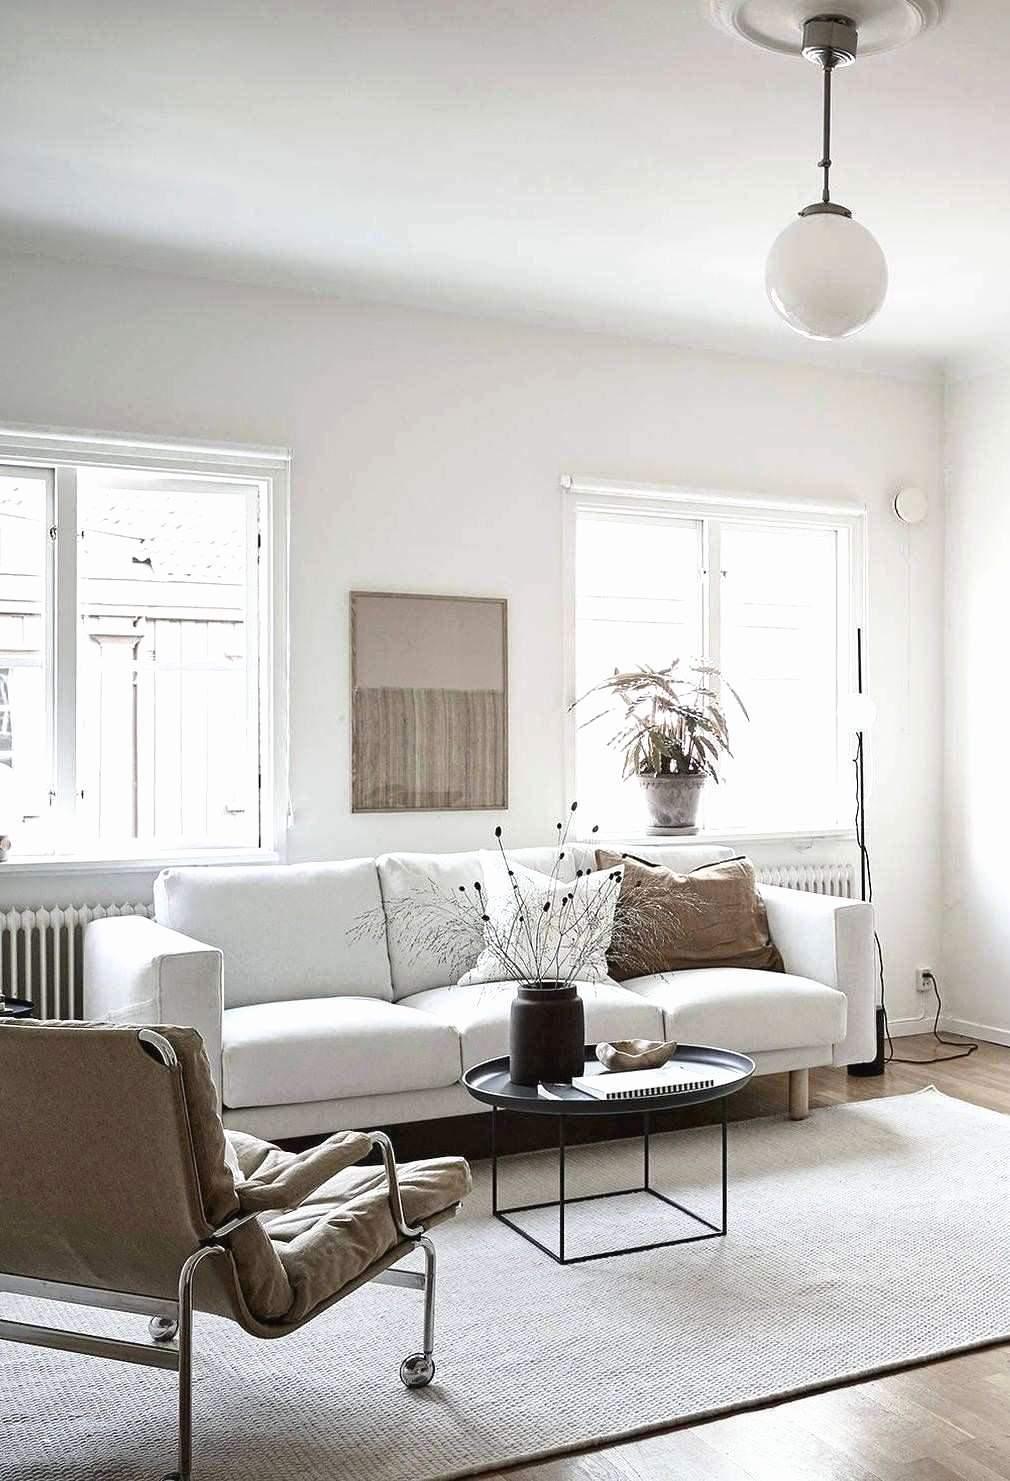 Full Size of Relaxliege Wohnzimmer Ikea Stehlampe Hängeschrank Weiß Hochglanz Lampen Sofa Mit Schlaffunktion Vinylboden Gardinen Für Sessel Tapete Gardine Küche Kaufen Wohnzimmer Relaxliege Wohnzimmer Ikea